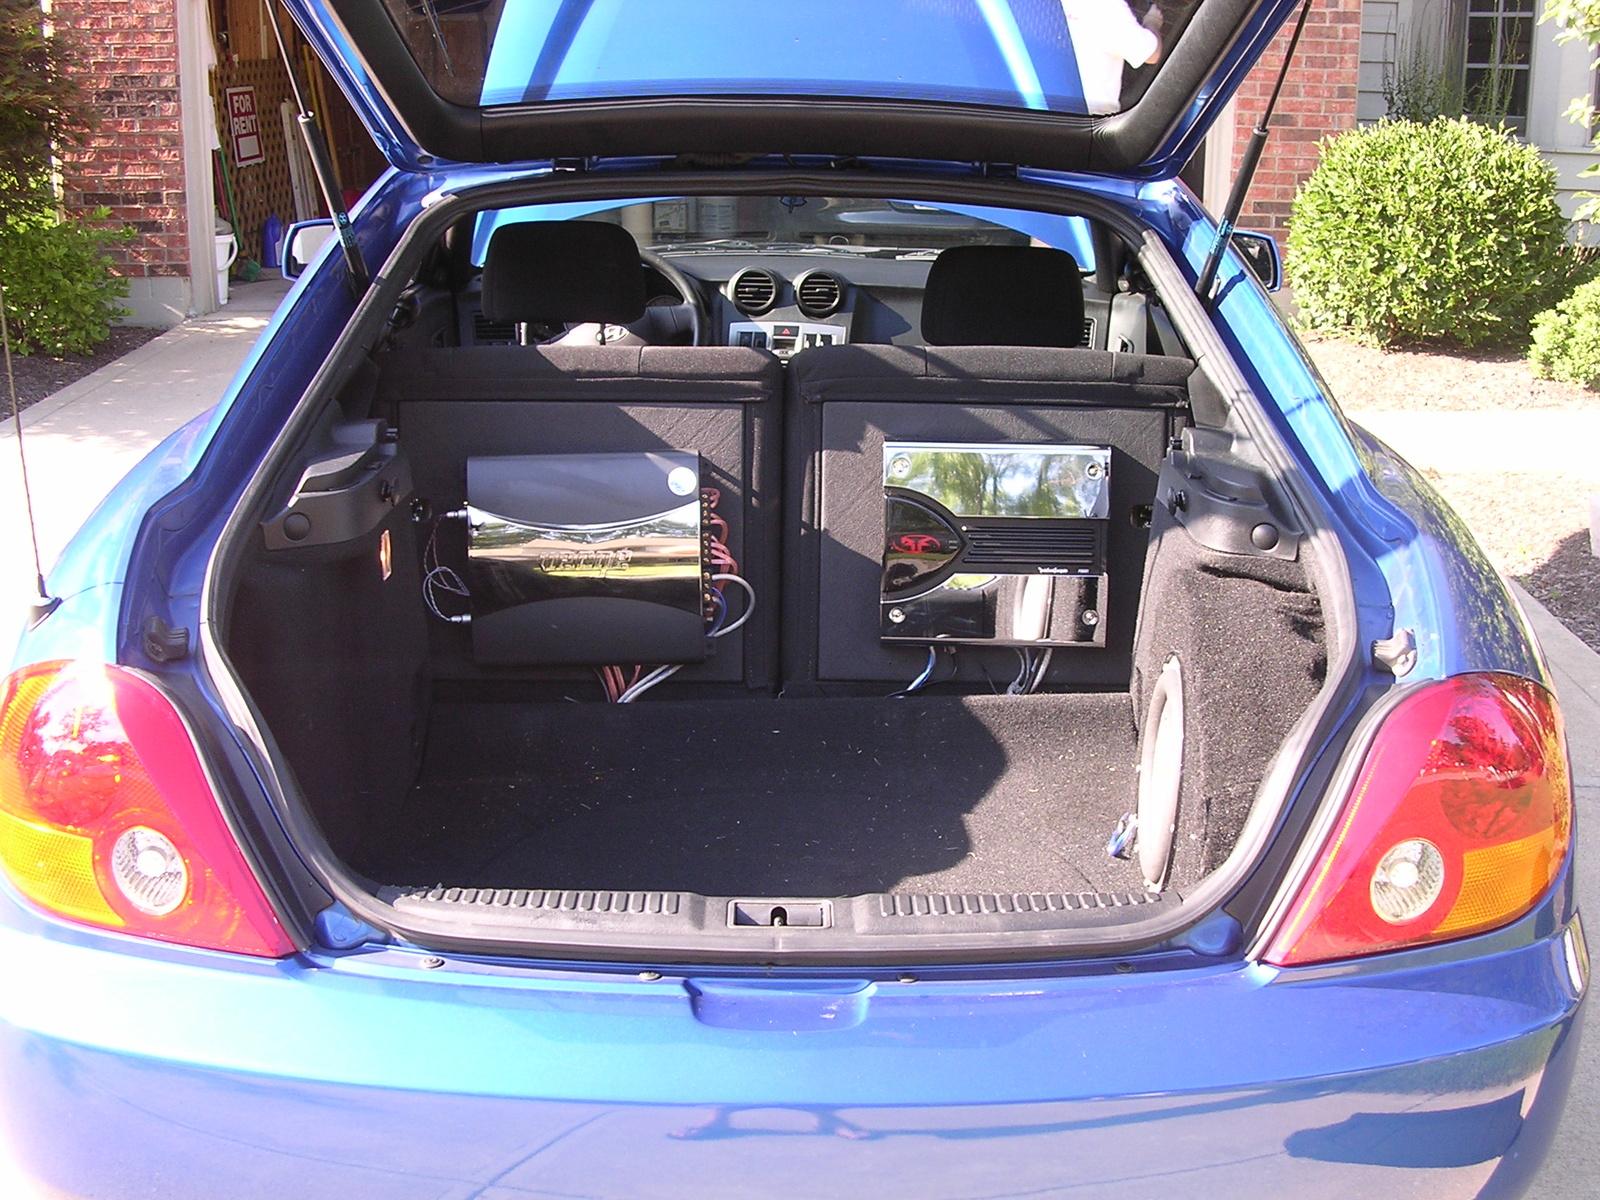 2004 Hyundai Tiburon Interior Pictures Cargurus